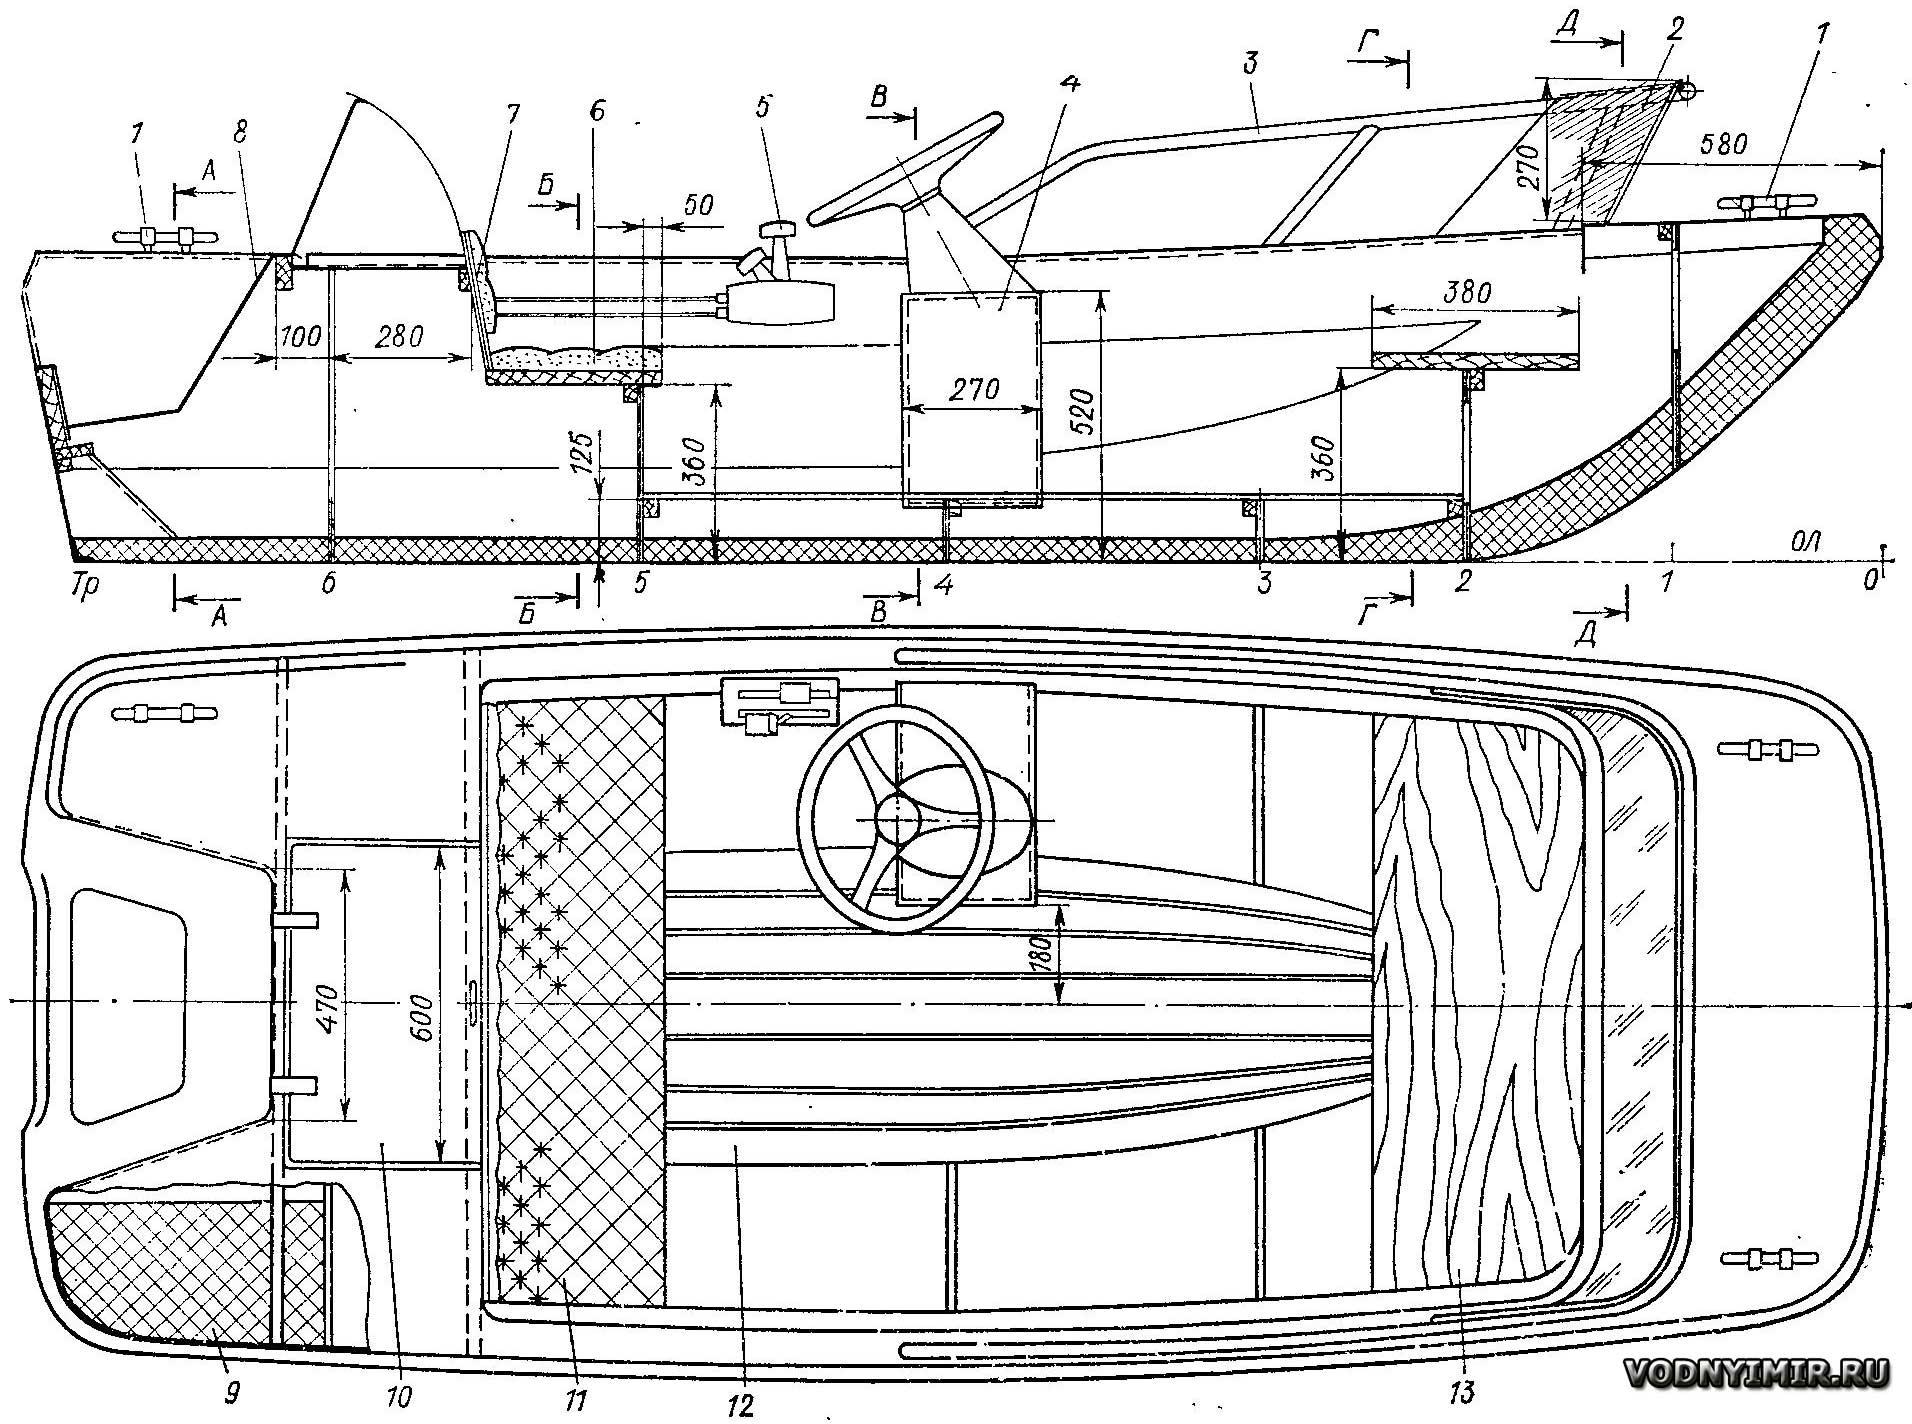 чертежи гребных лодок для самостоятельной постройки стеклопластик